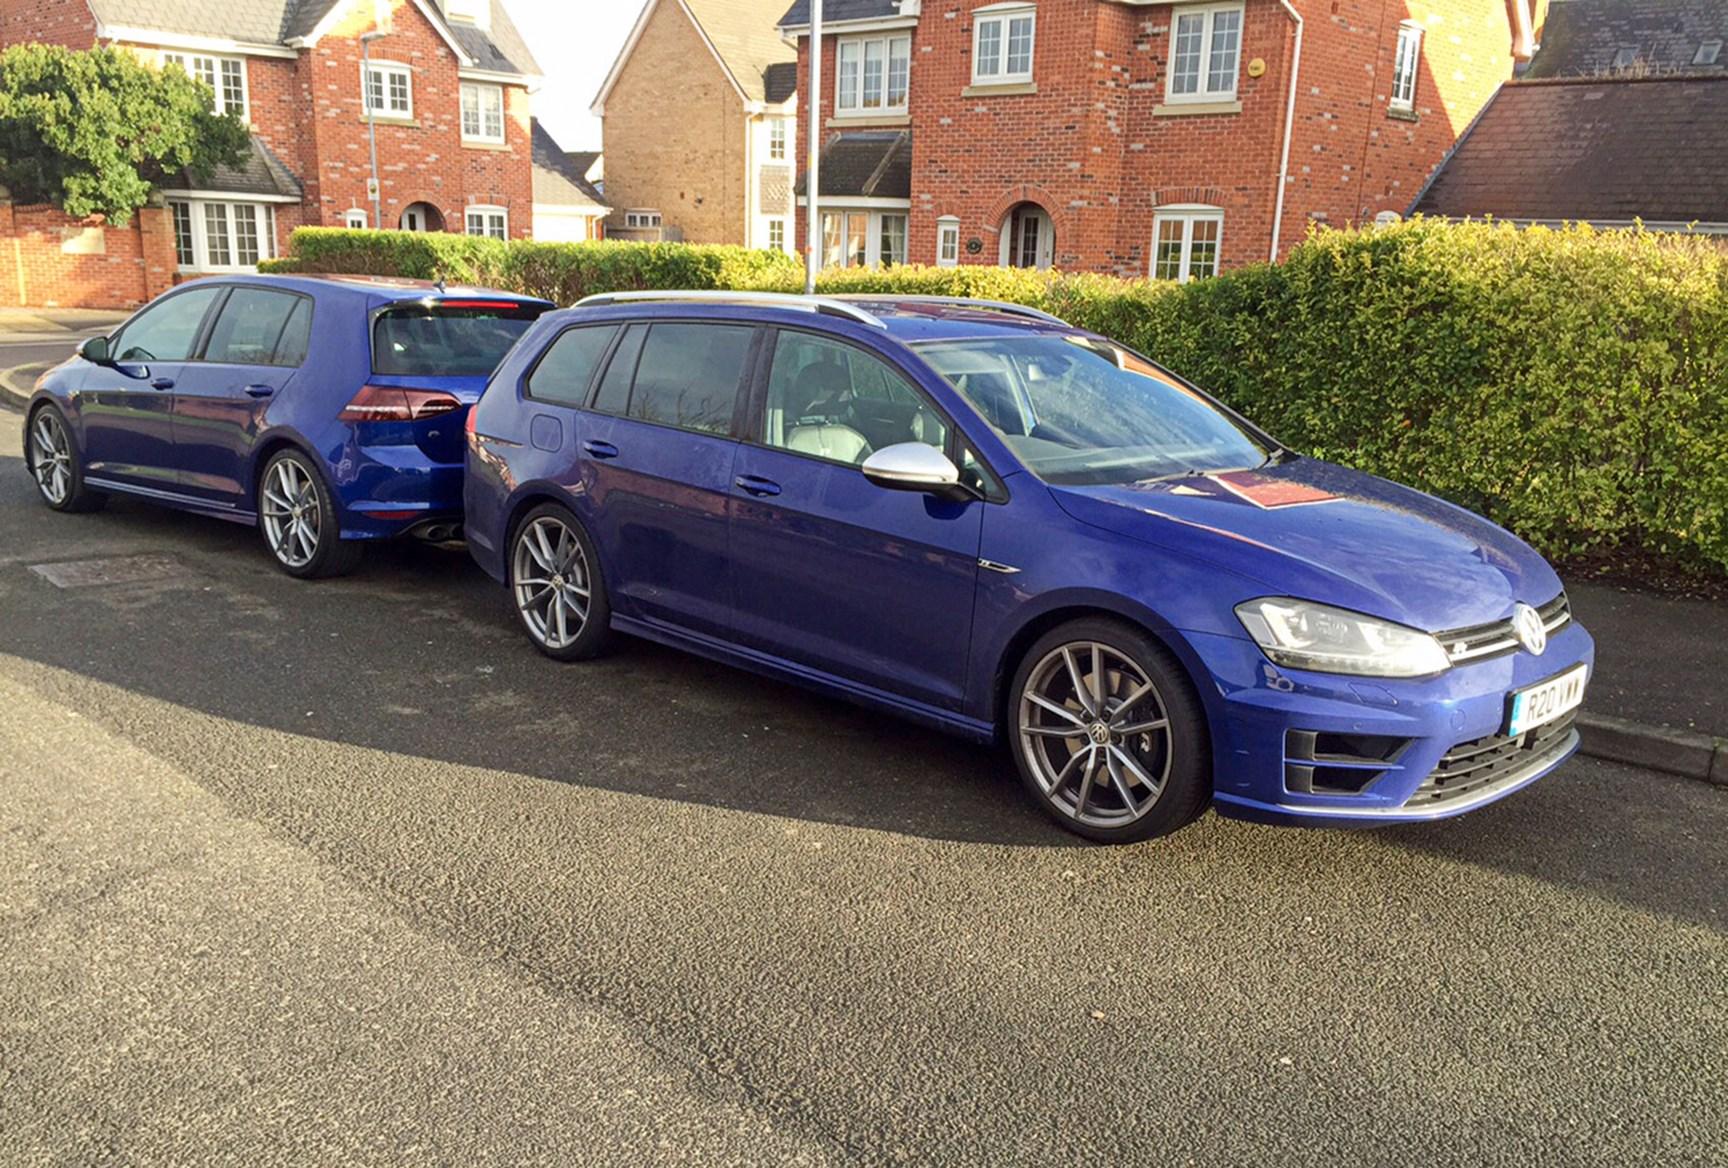 Audi s3 hatchback for sale uk 10